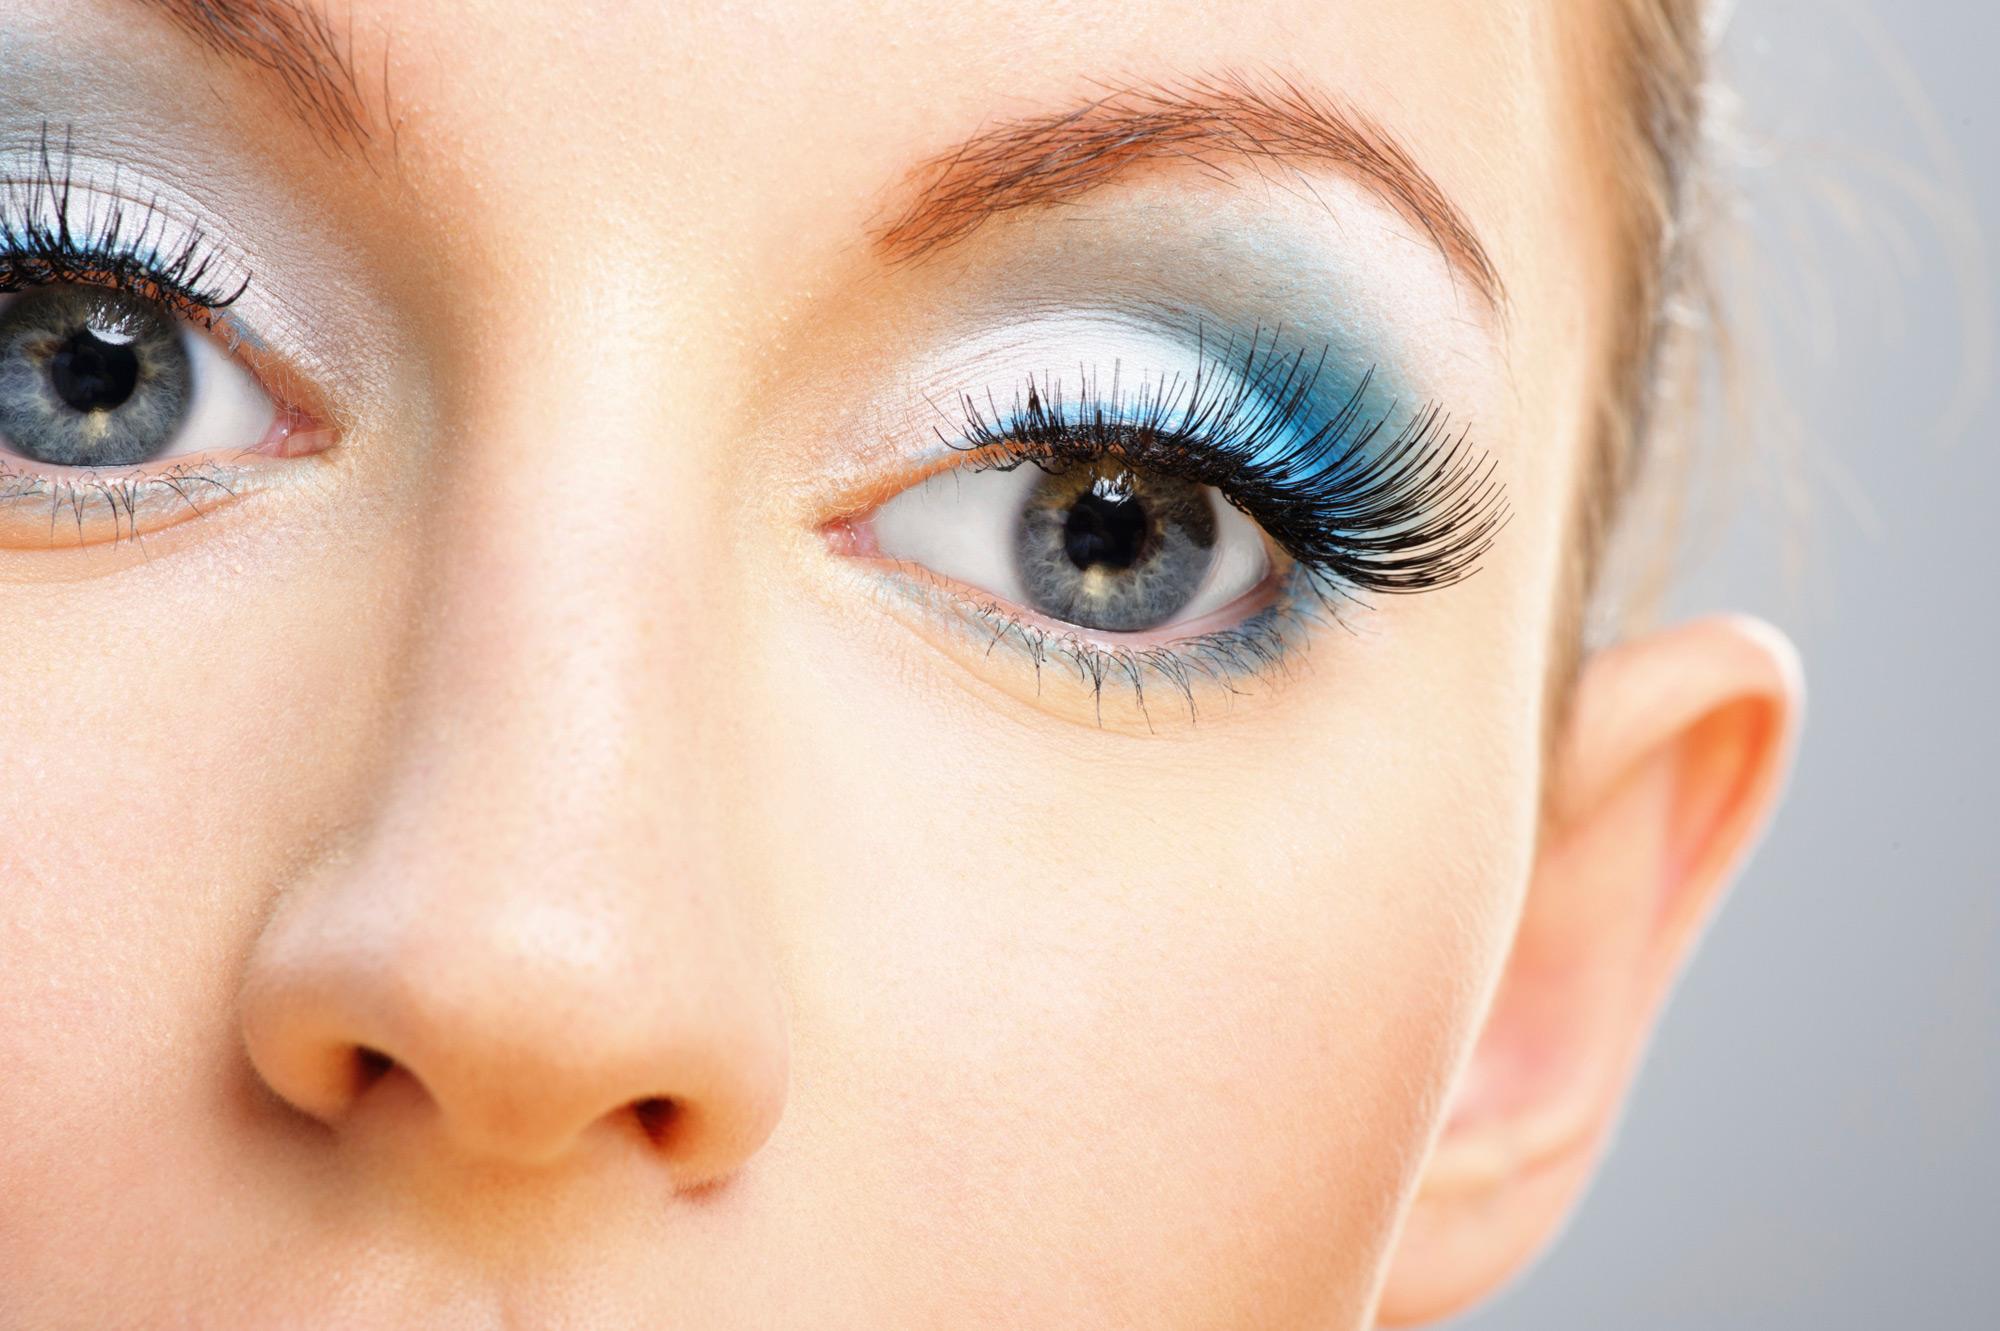 truques-de-maquiagem-para-os-olhos-we-fashion-trends